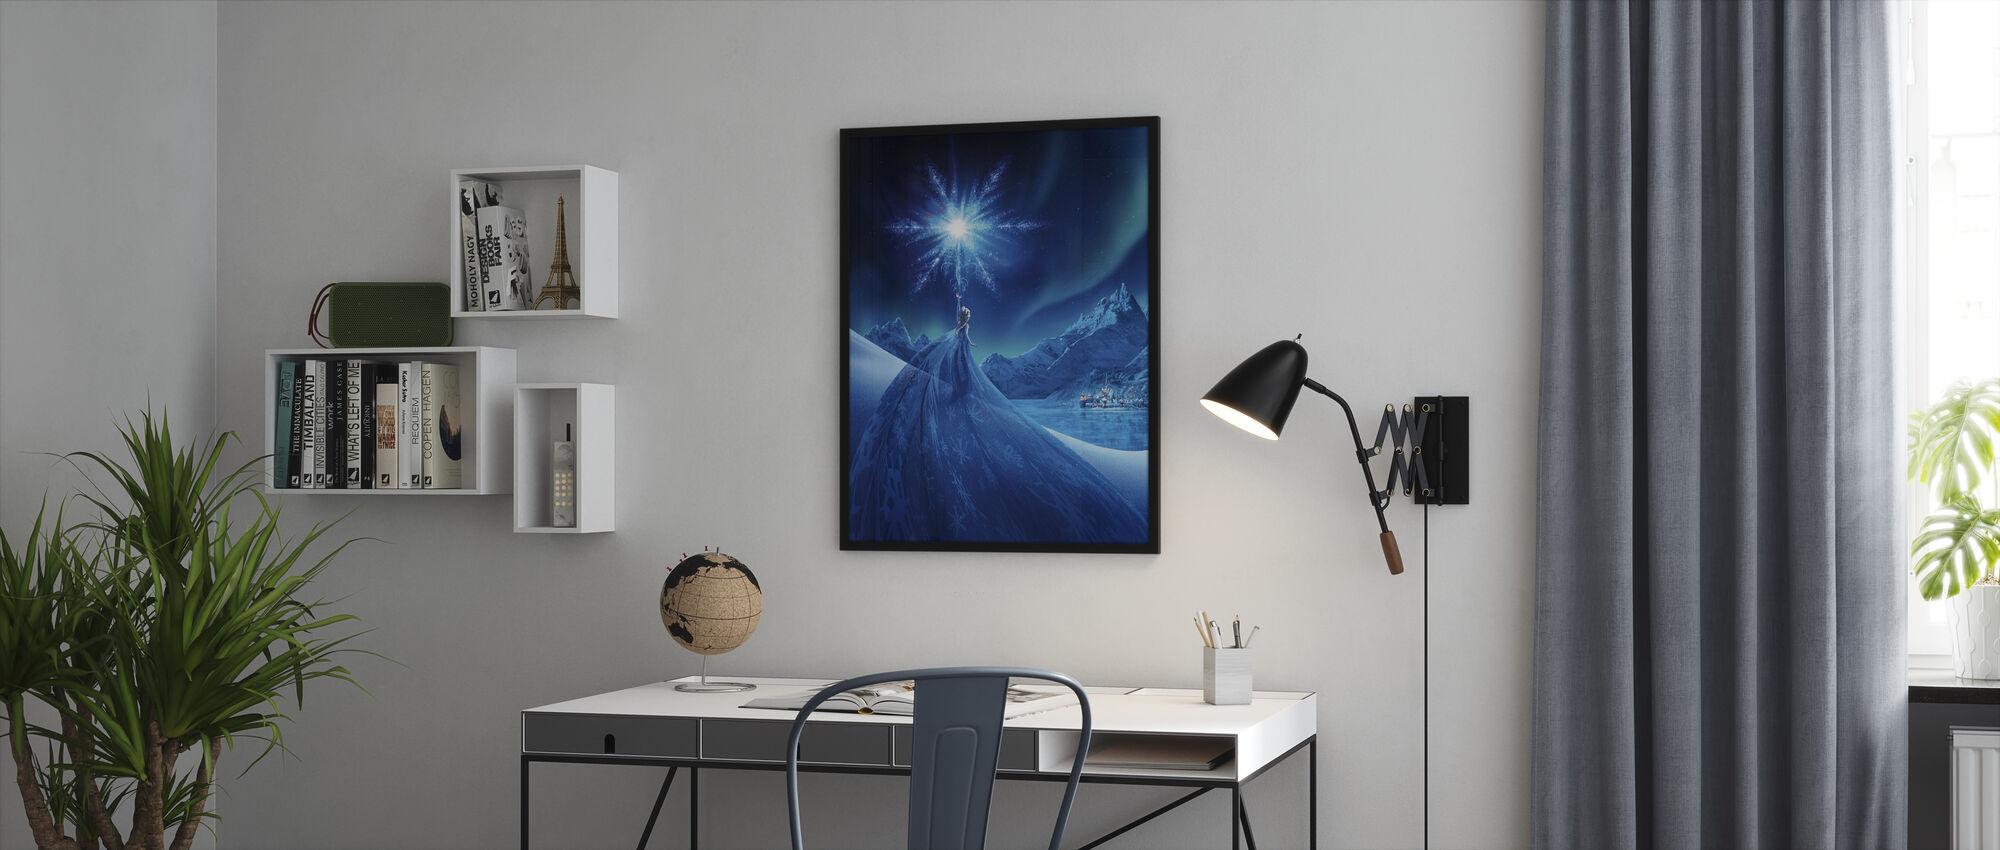 Jäätynyt - Revontulien taikuus - Kehystetty kuva - Toimisto